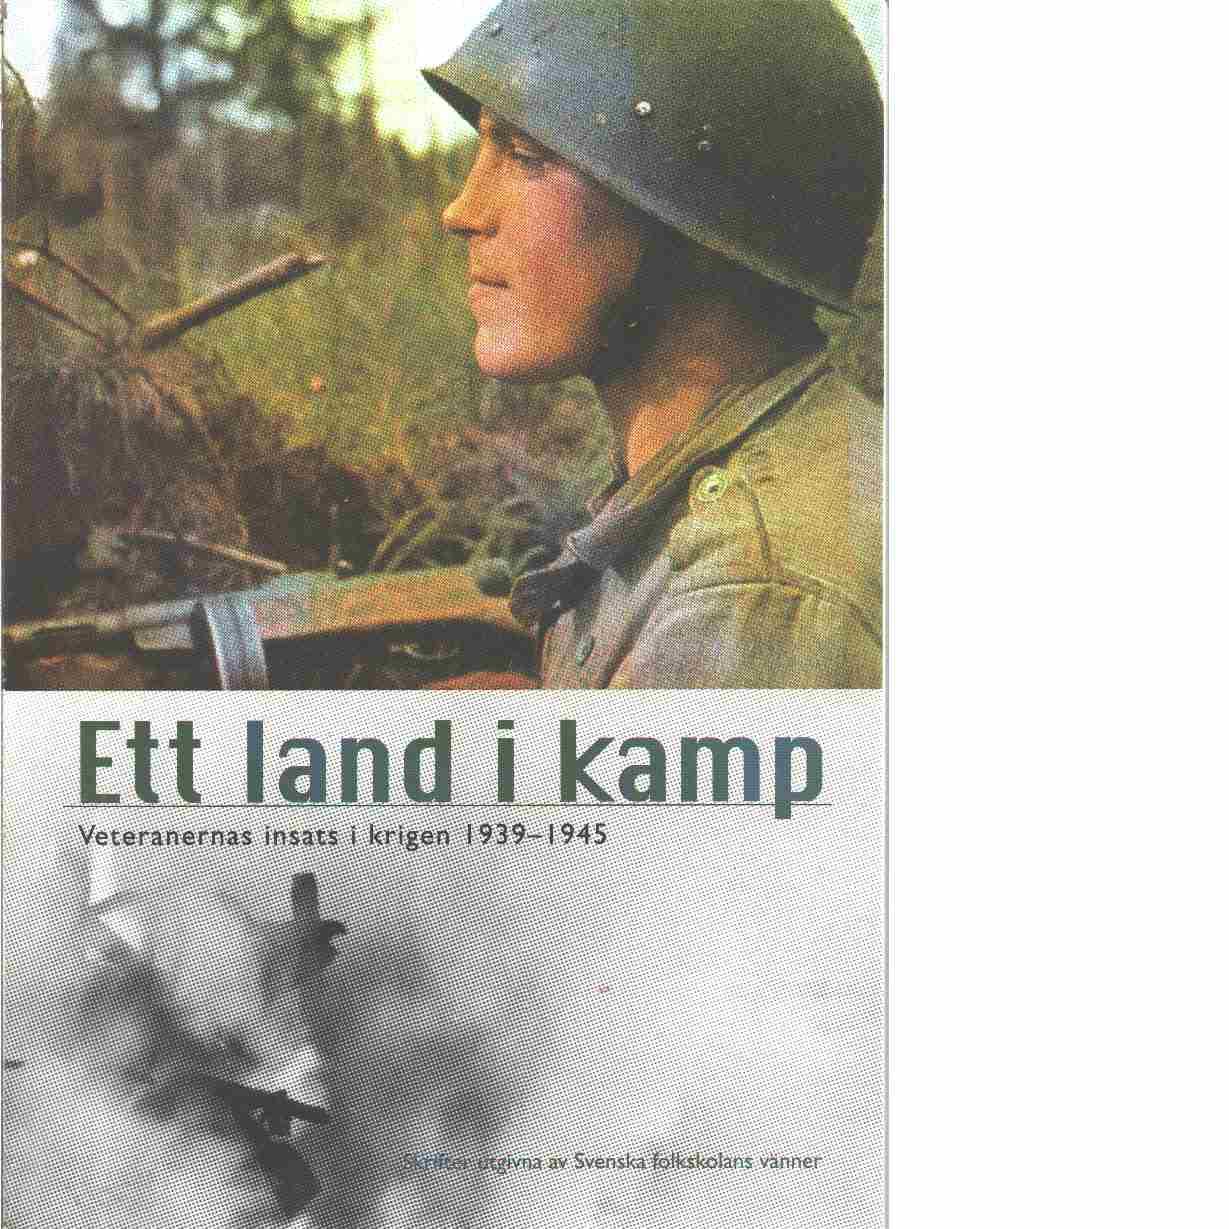 Ett land i kamp : veteranernas insats i krigen 1939-1945 - Red. Ekberg, Henrik